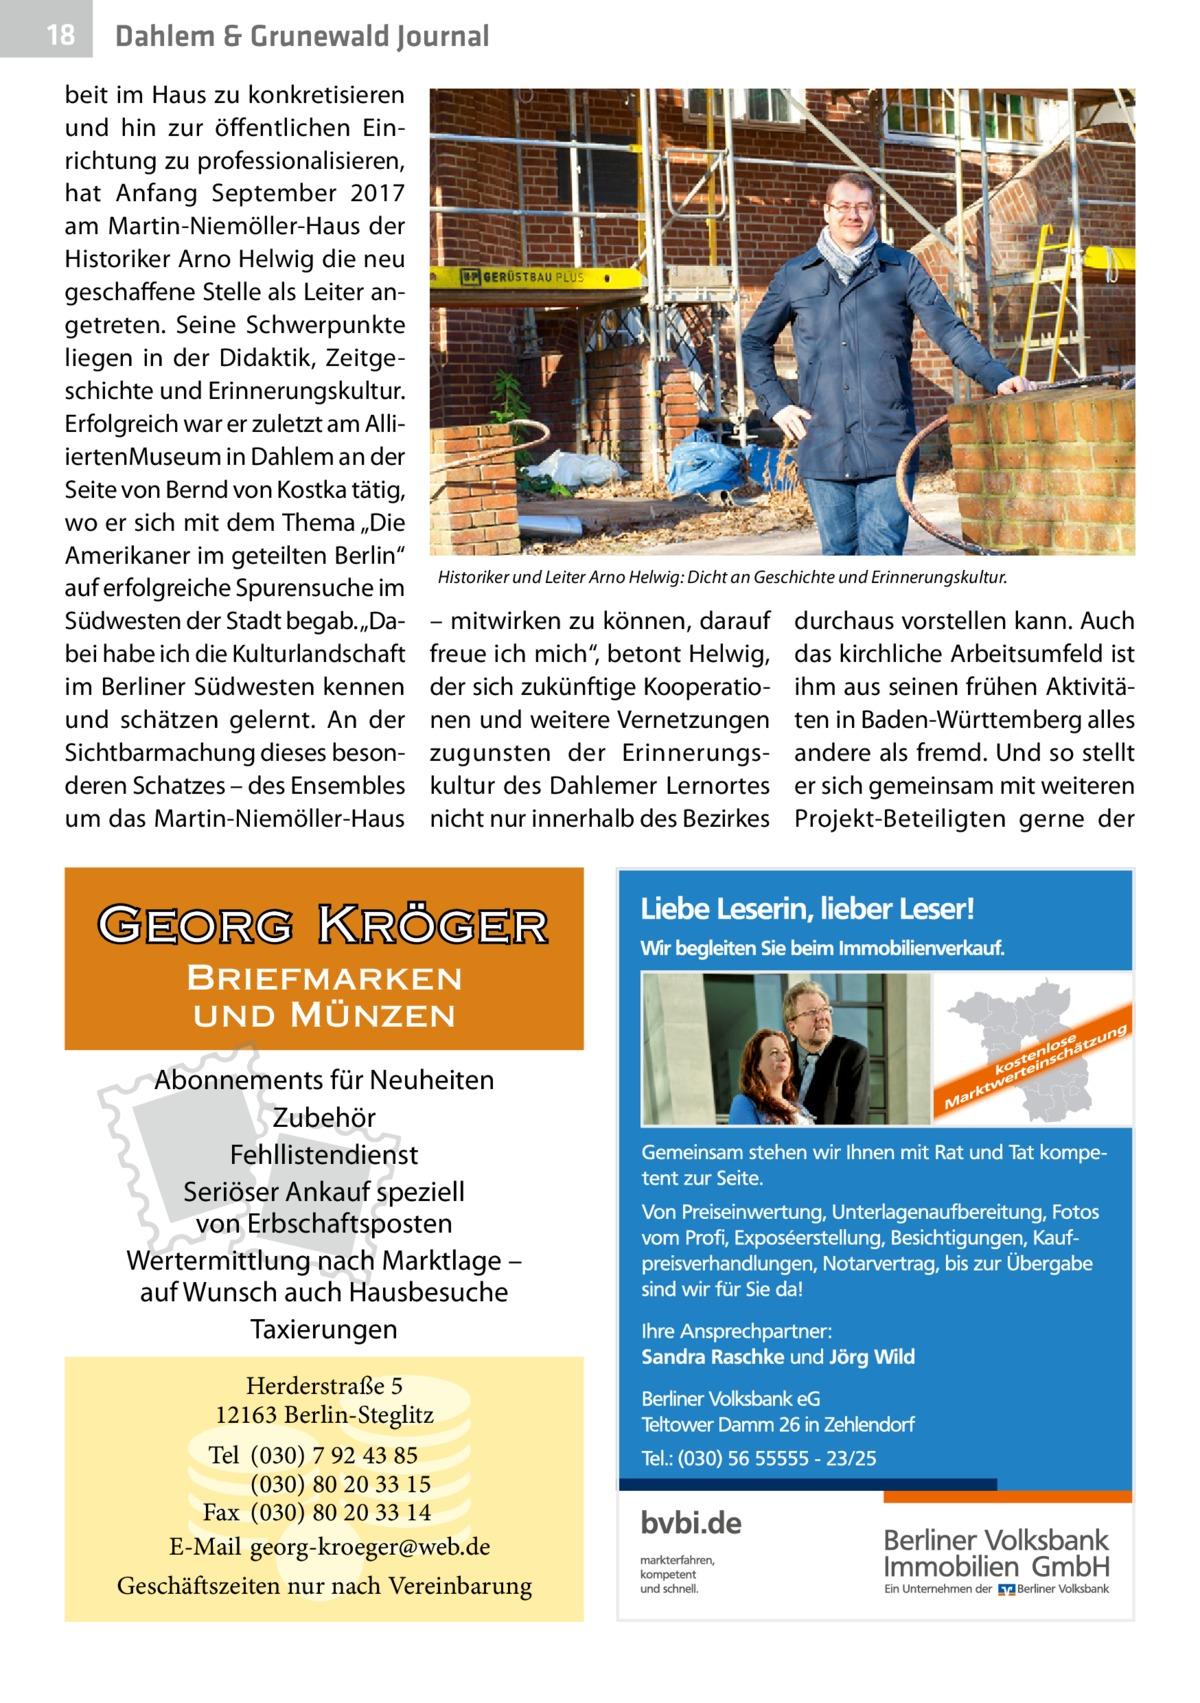 """18  Dahlem & Grunewald Journal  beit im Haus zu konkretisieren und hin zur öffentlichen Einrichtung zu professionalisieren, hat Anfang September 2017 am Martin-Niemöller-Haus der Historiker Arno Helwig die neu geschaffene Stelle als Leiter angetreten. Seine Schwerpunkte liegen in der Didaktik, Zeitgeschichte und Erinnerungskultur. Erfolgreich war er zuletzt am AlliiertenMuseum in Dahlem an der Seite von Bernd von Kostka tätig, wo er sich mit dem Thema """"Die Amerikaner im geteilten Berlin"""" auf erfolgreiche Spurensuche im Südwesten der Stadt begab. """"Dabei habe ich die Kulturlandschaft im Berliner Südwesten kennen und schätzen gelernt. An der Sichtbarmachung dieses besonderen Schatzes – des Ensembles um das Martin-Niemöller-Haus  Historiker und Leiter Arno Helwig: Dicht an Geschichte und Erinnerungskultur.  – mitwirken zu können, darauf freue ich mich"""", betont Helwig, der sich zukünftige Kooperationen und weitere Vernetzungen zugunsten der Erinnerungskultur des Dahlemer Lernortes nicht nur innerhalb des Bezirkes  Georg Kröger Briefmarken und Münzen Abonnements für Neuheiten Zubehör Fehllistendienst Seriöser Ankauf speziell von Erbschaftsposten Wertermittlung nach Marktlage – auf Wunsch auch Hausbesuche Taxierungen Herderstraße 5 12163 Berlin-Steglitz Tel (030) 7 92 43 85 (030) 80 20 33 15 Fax (030) 80 20 33 14 E-Mail georg-kroeger@web.de Geschäftszeiten nur nach Vereinbarung  durchaus vorstellen kann. Auch das kirchliche Arbeitsumfeld ist ihm aus seinen frühen Aktivitäten in Baden-Württemberg alles andere als fremd. Und so stellt er sich gemeinsam mit weiteren Projekt-Beteiligten gerne der"""